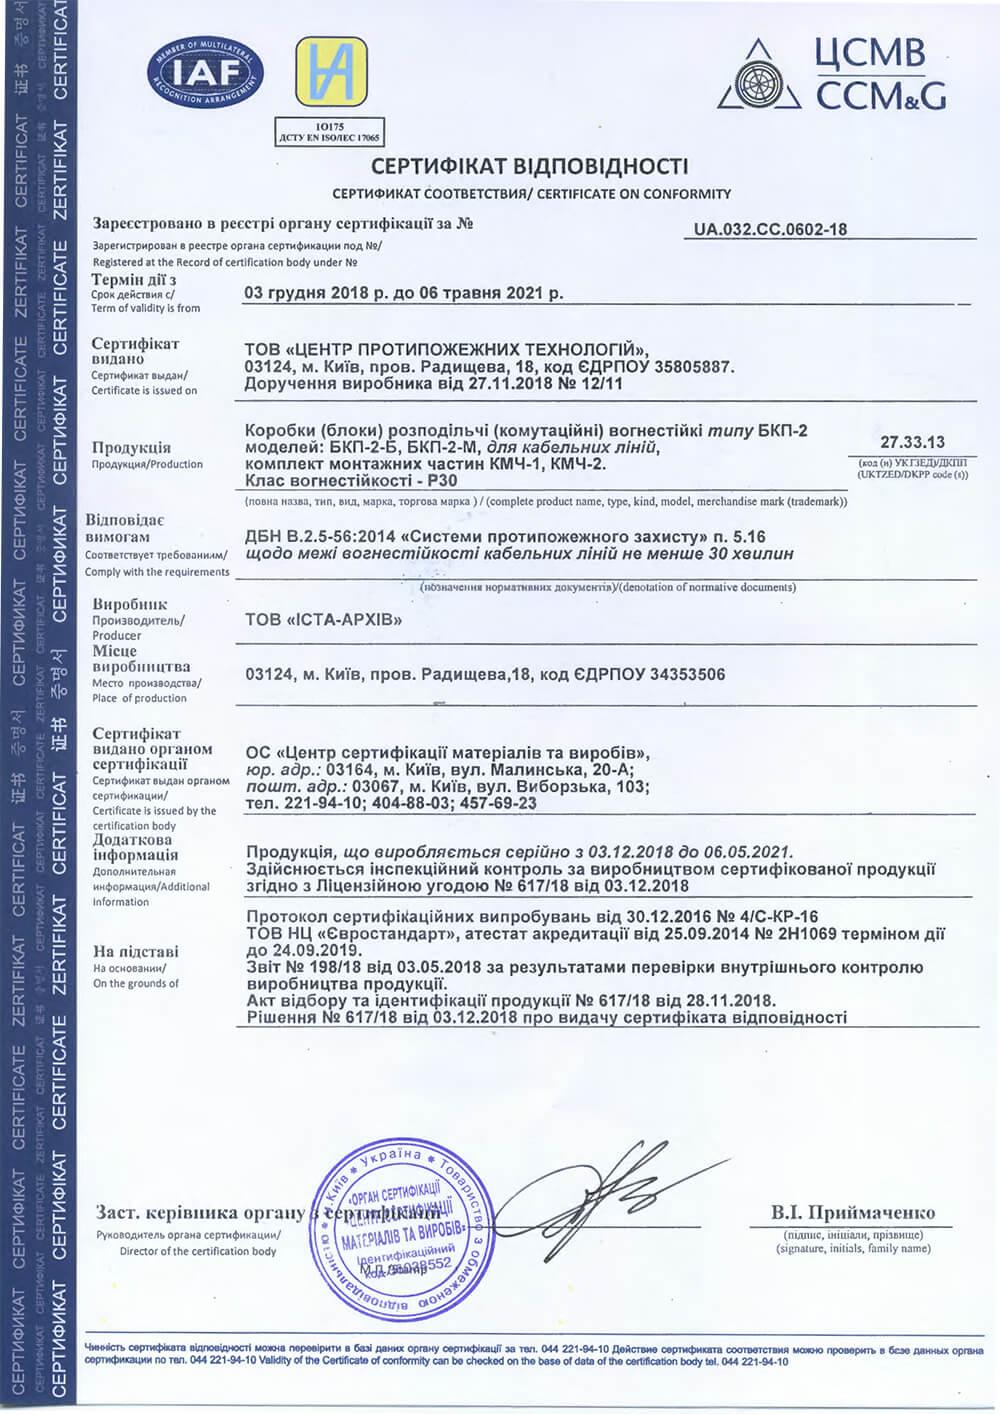 Сертифікат на коробки розподільчі вогнестійкі БКП-2